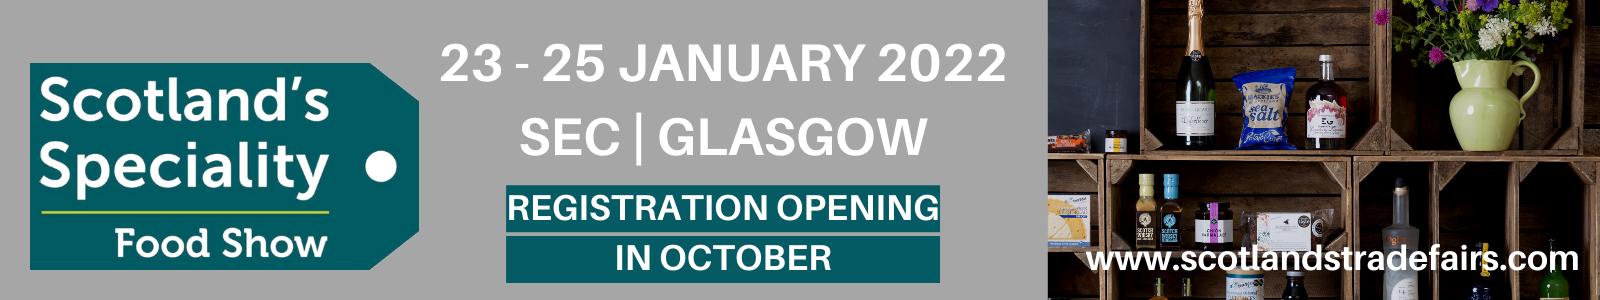 scotlands speciality food show 2022 23 - 25 january 2022 glasgow